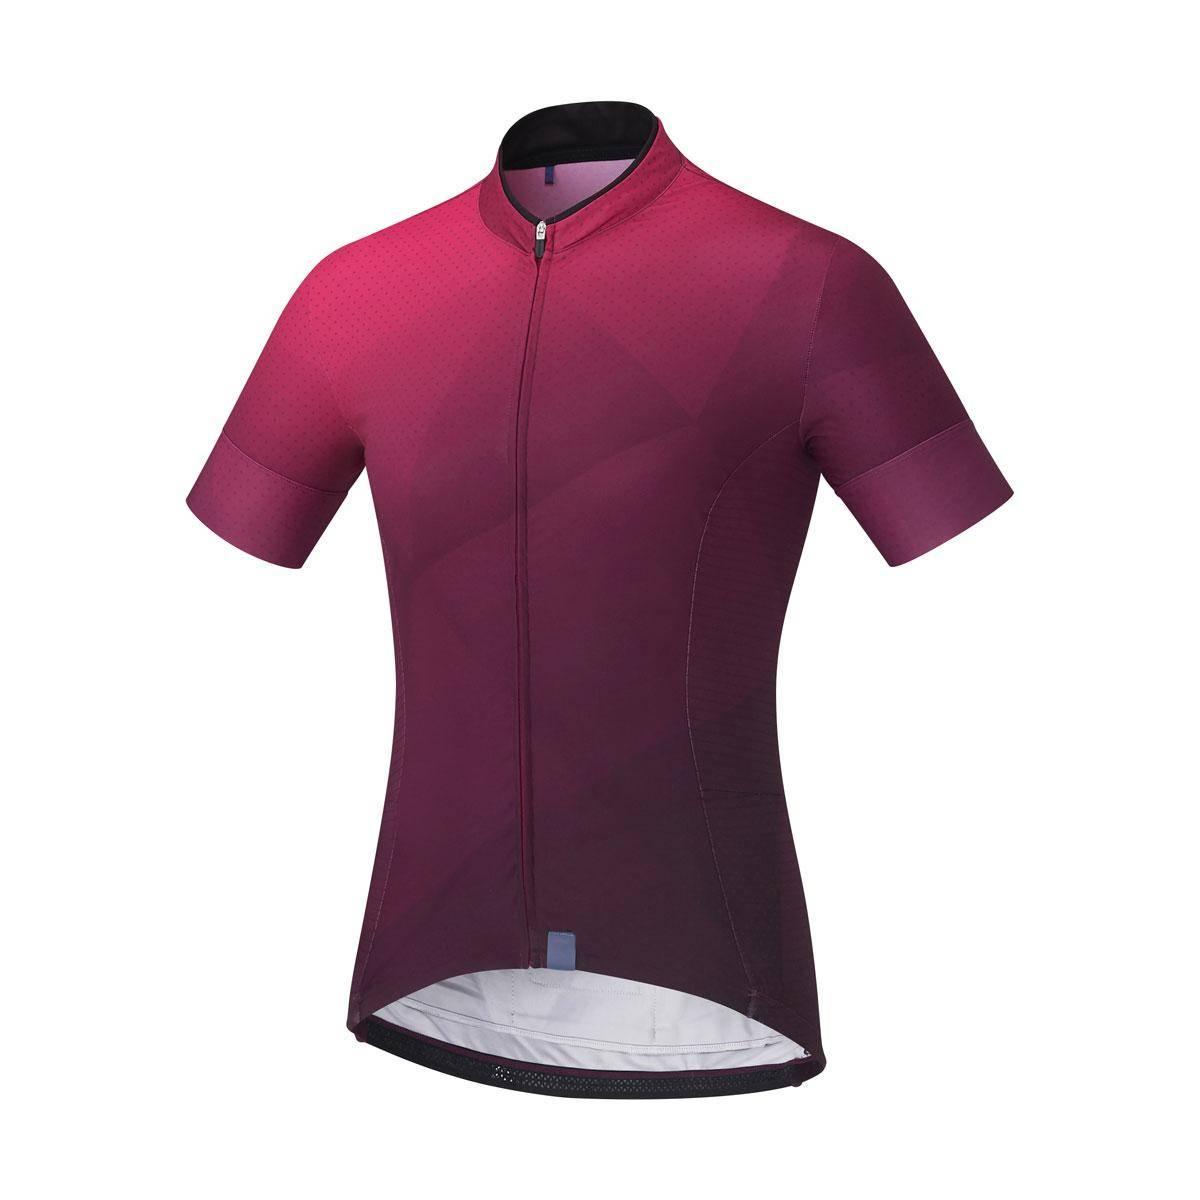 SHIMANO dámský SUMIRE dres, fialová, XL